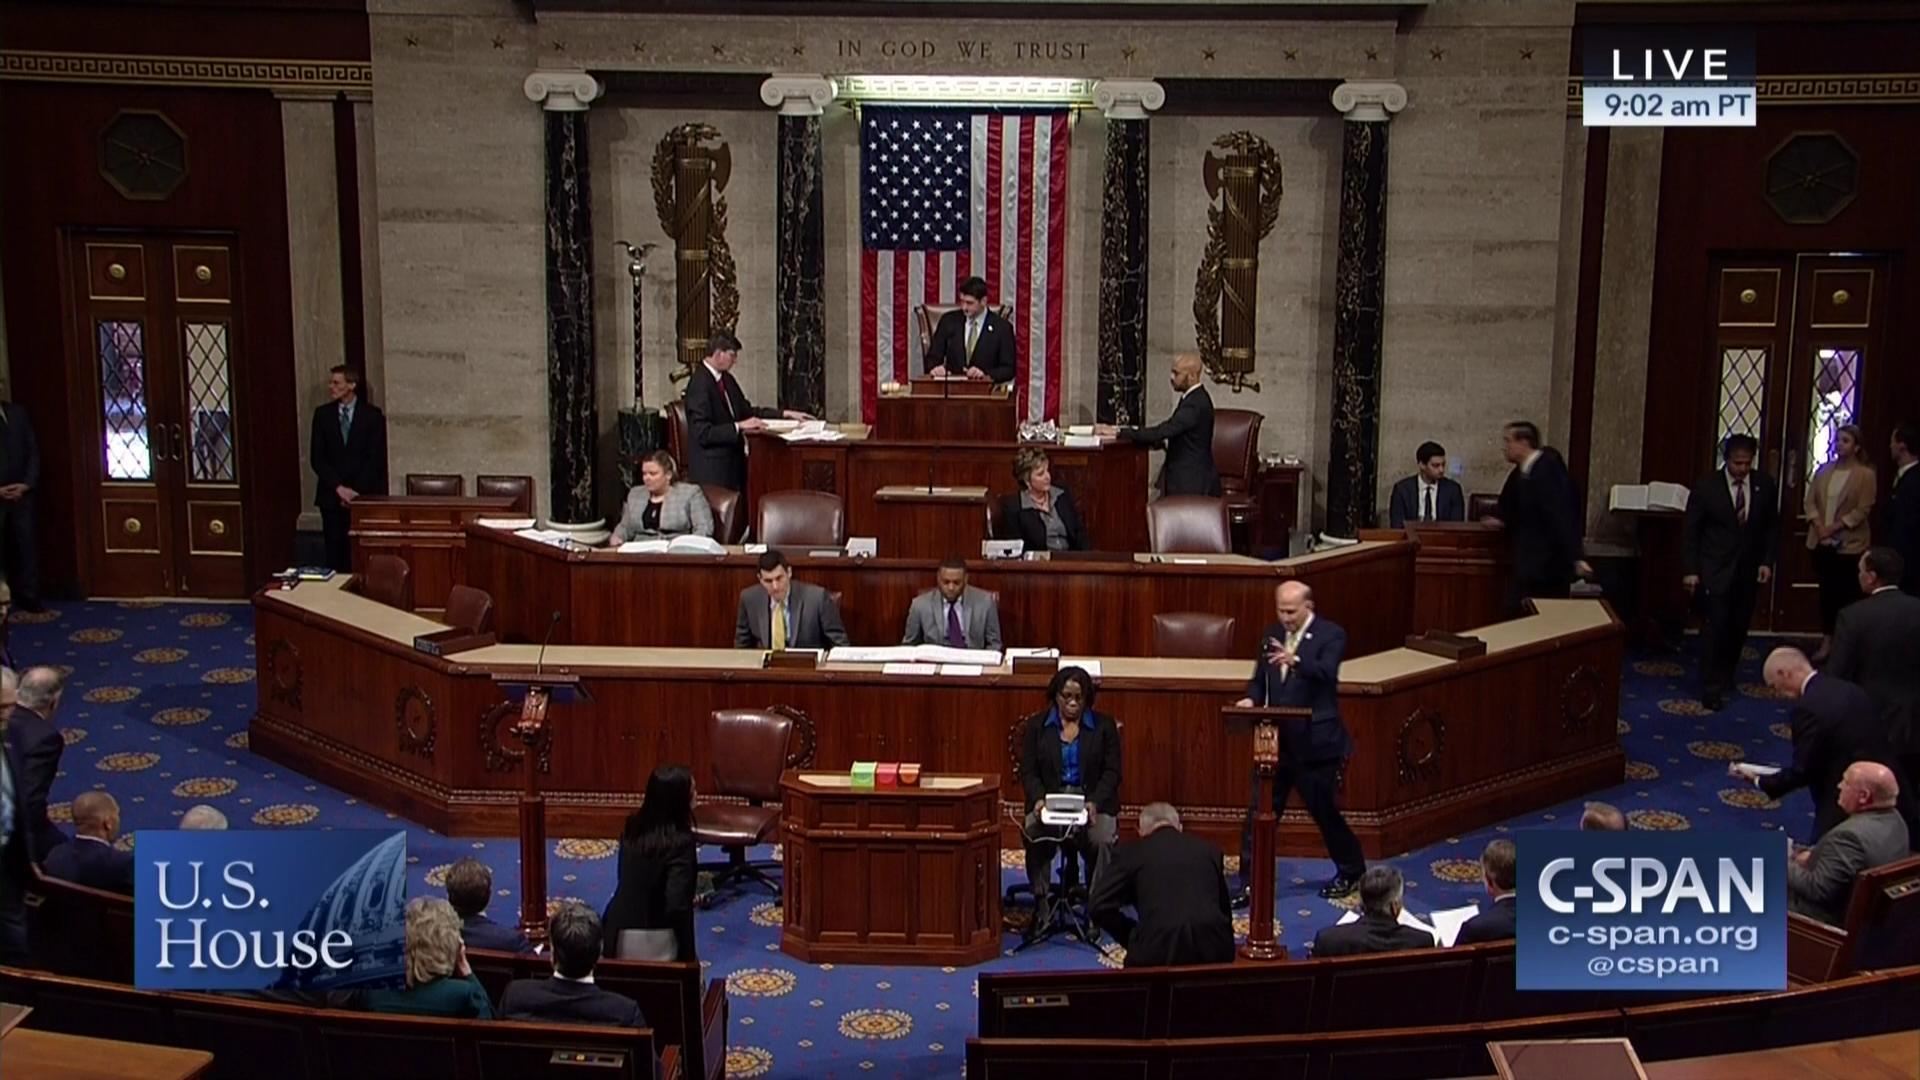 House Begins General Debate Tax Reform Bill, Nov 15 2017 | Video |  C-SPAN.org